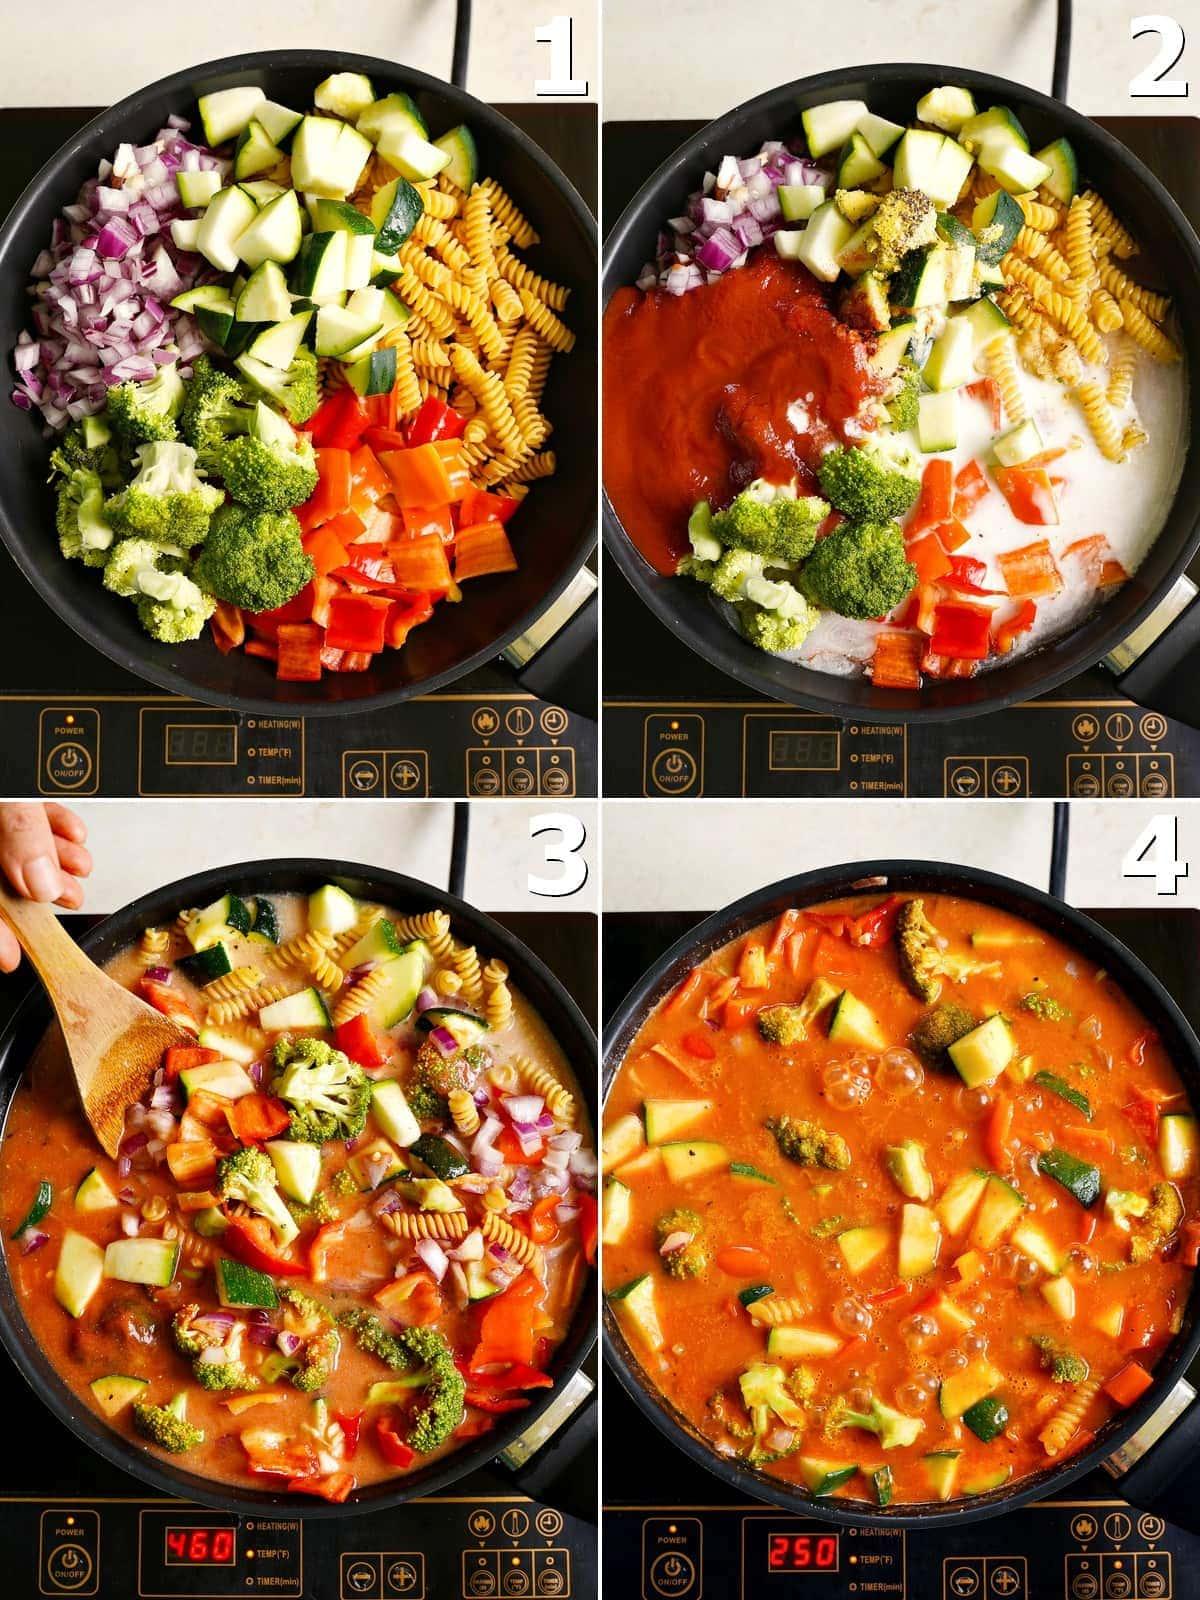 4 Schritt-für-Schritt-Fotos wie man ein veganes Nudelgericht in einer schwarzen Pfanne zubereitet